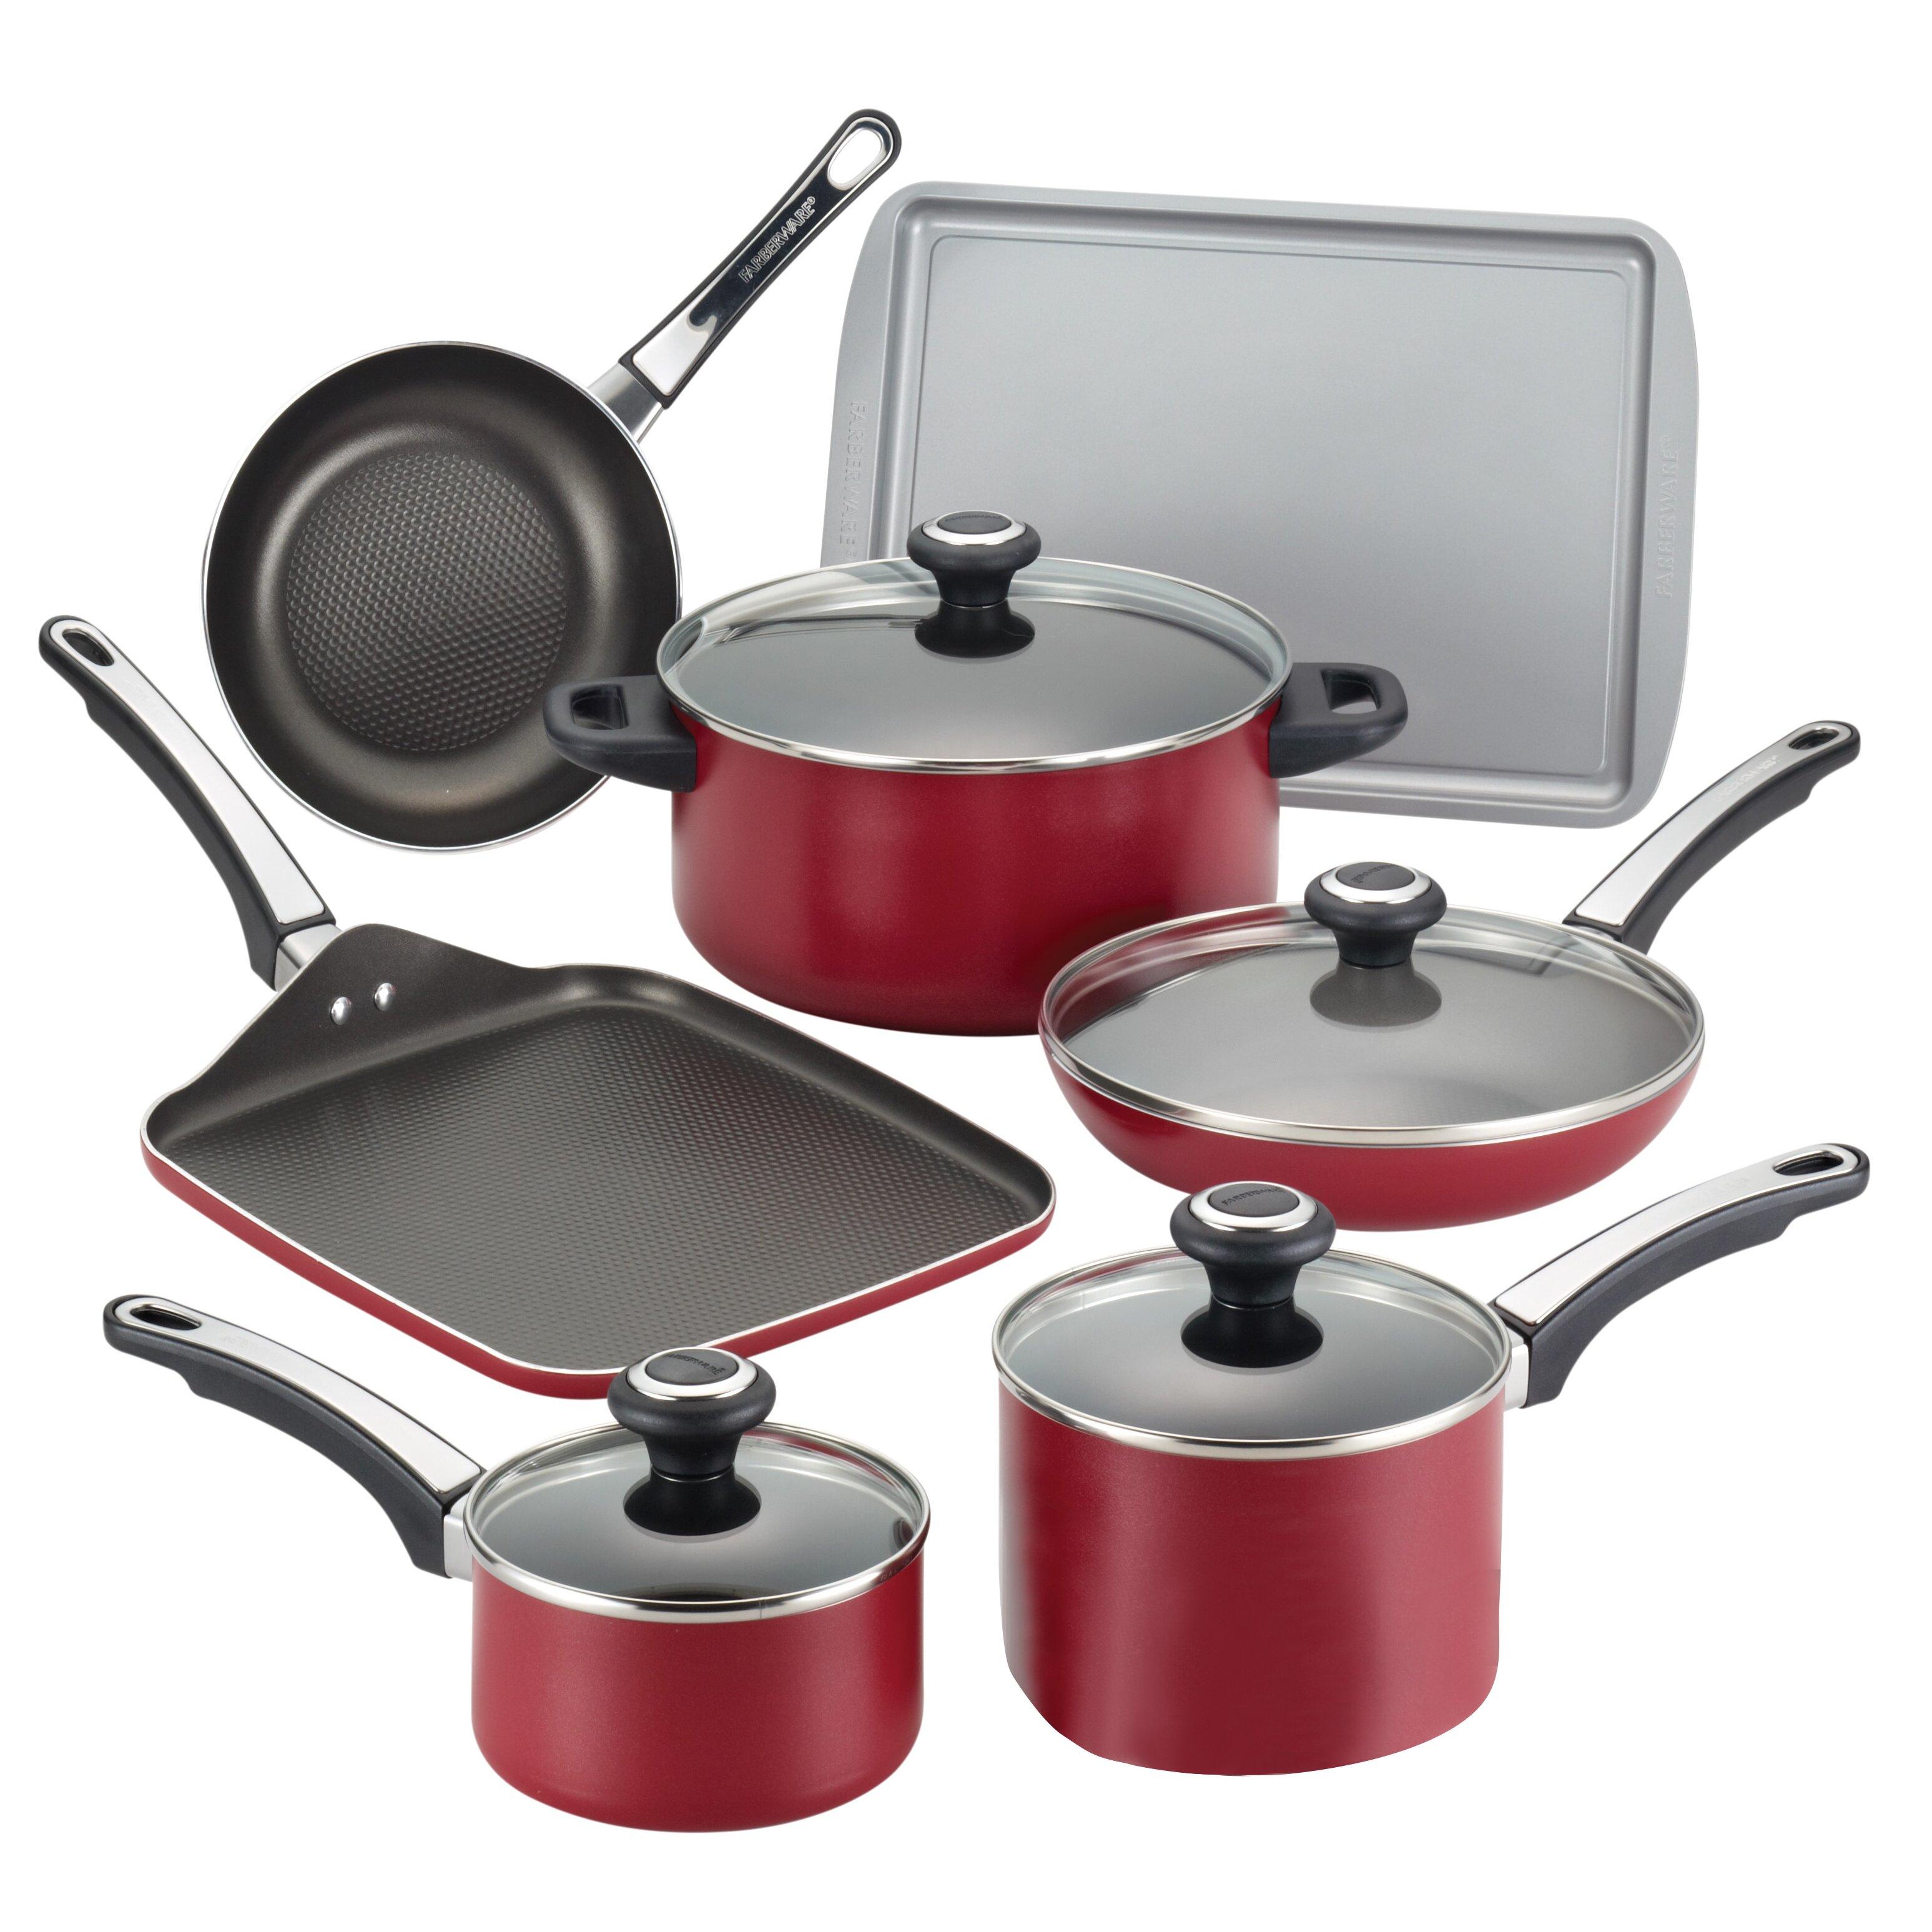 Farberware High Performance Nonstick 17 Piece Cookware Set ...